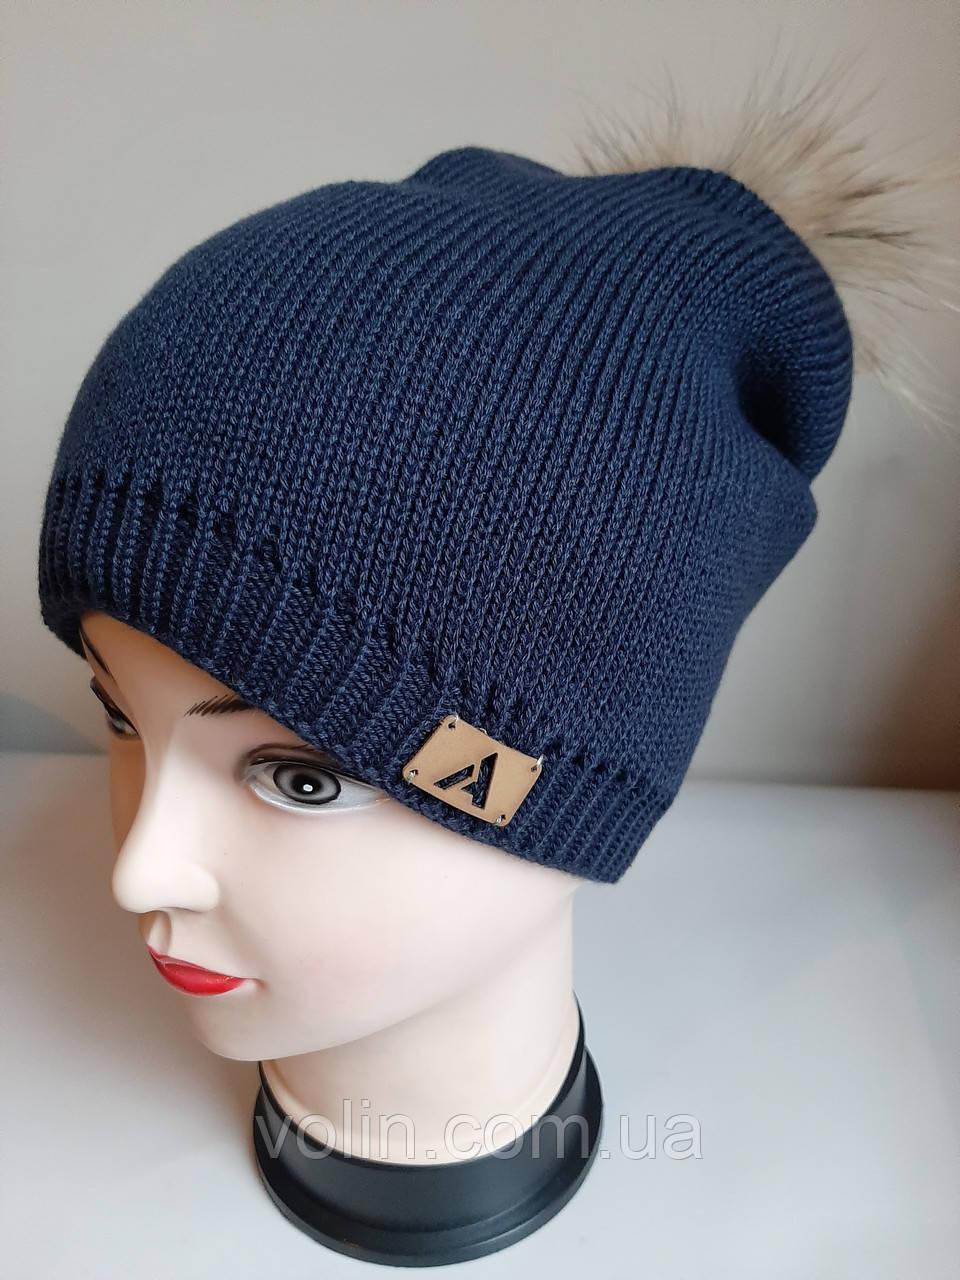 Зимняя женская шапка бини с помпоном Лиса.